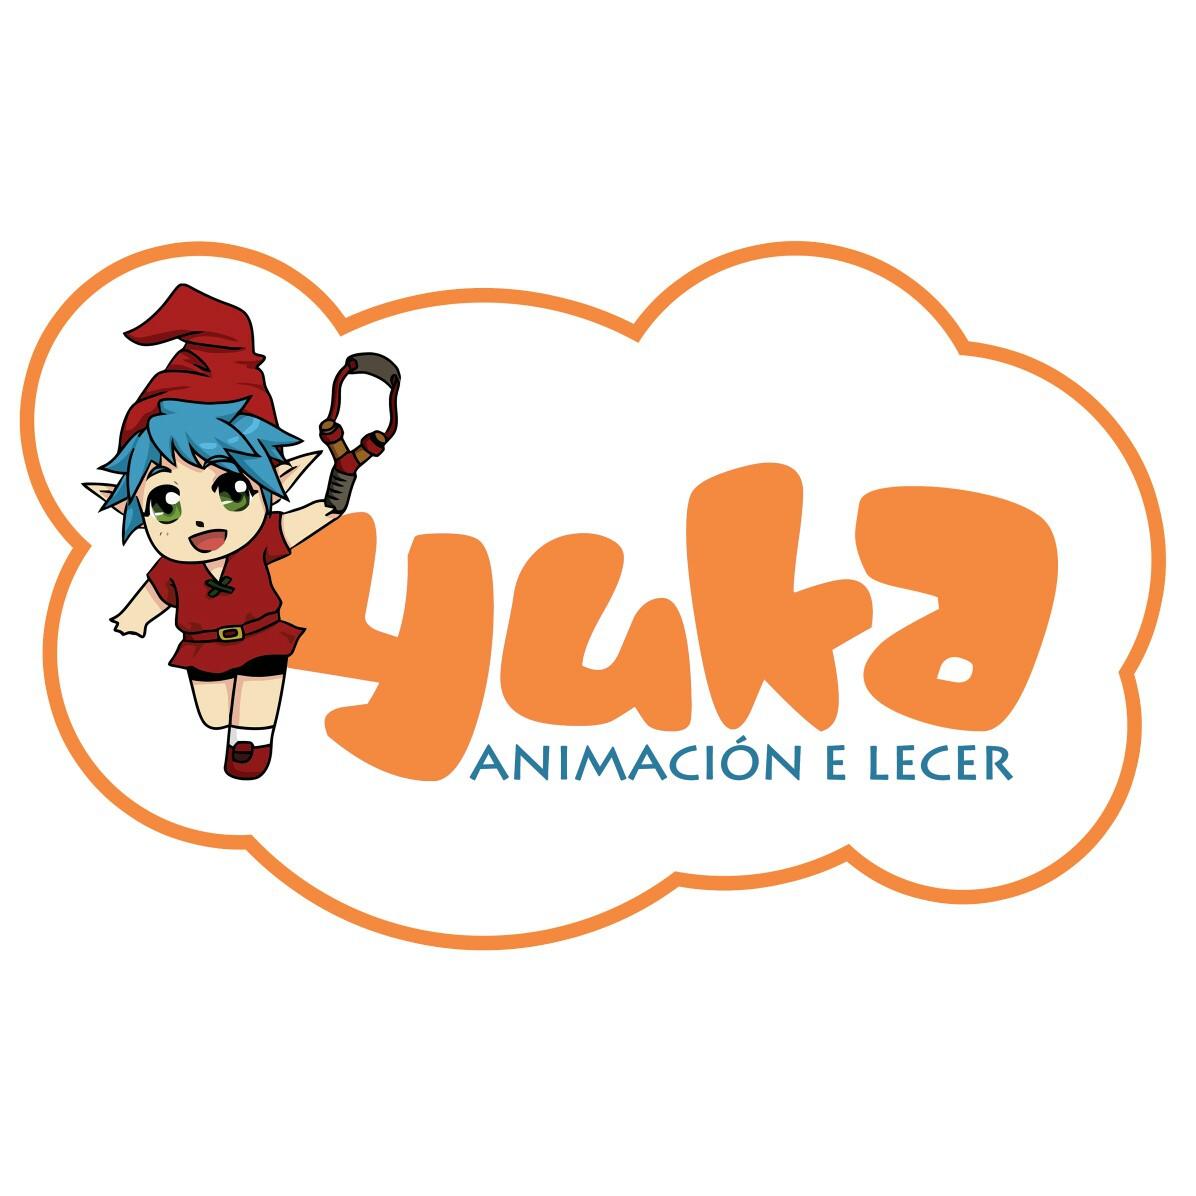 Yuka Animación